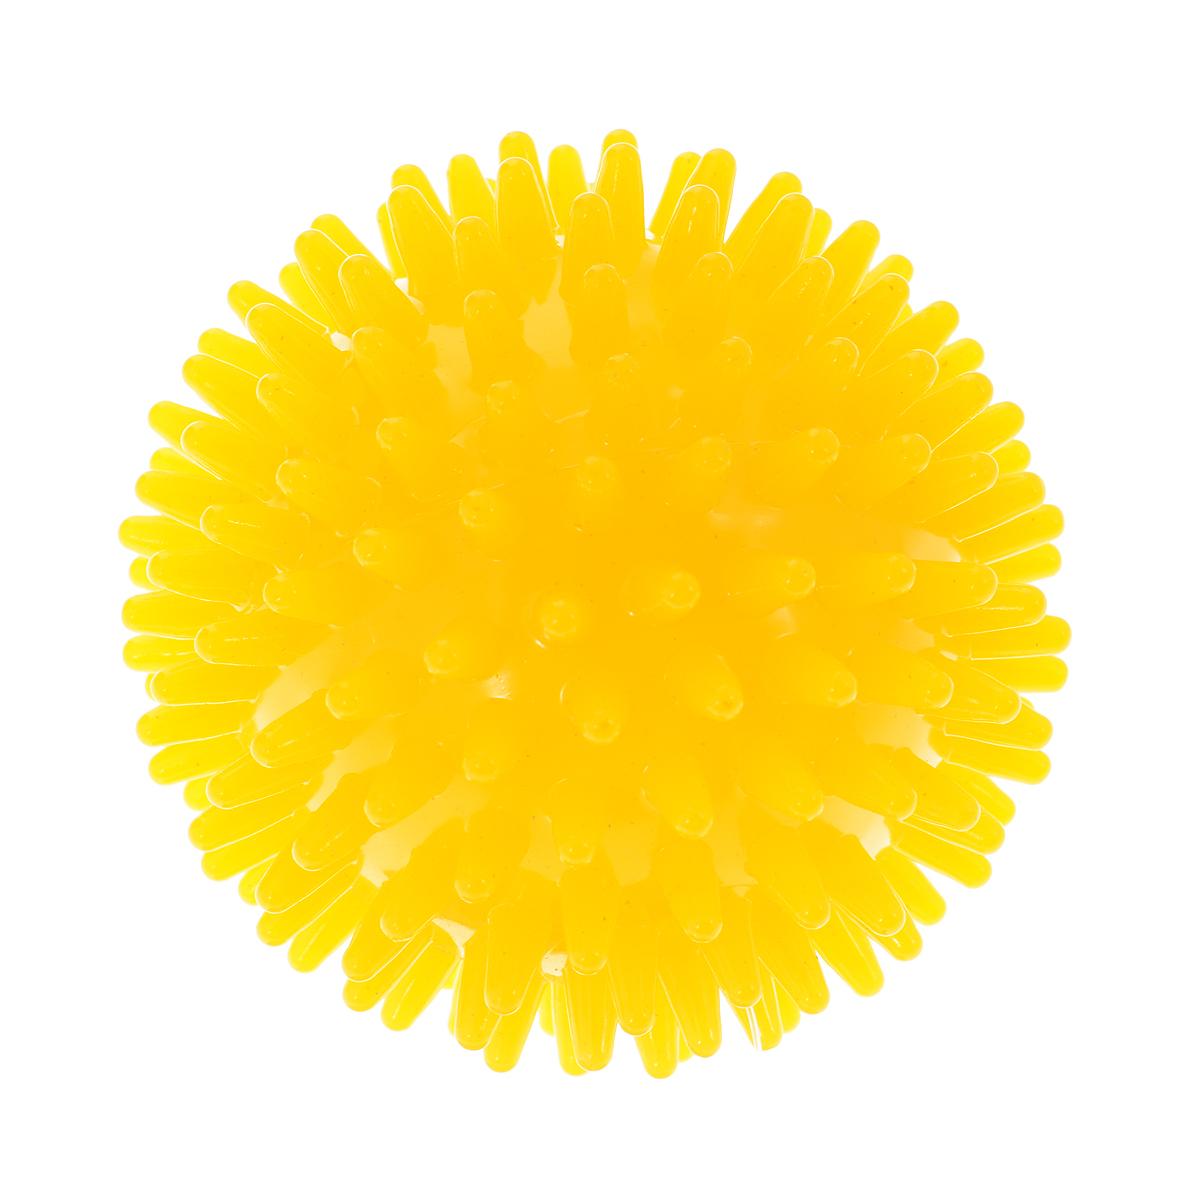 Игрушка для собак V.I.Pet Массажный мяч, цвет: желтый, диаметр 10 см0120710Игрушка для собак V.I.Pet Массажный мяч, изготовленная из ПВХ, предназначена для массажа и самомассажа рефлексогенных зон. Она имеет мягкие закругленные массажные шипы, эффективно массирующие и не травмирующие кожу. Игрушка не позволит скучать вашему питомцу ни дома, ни на улице.Диаметр: 10 см.